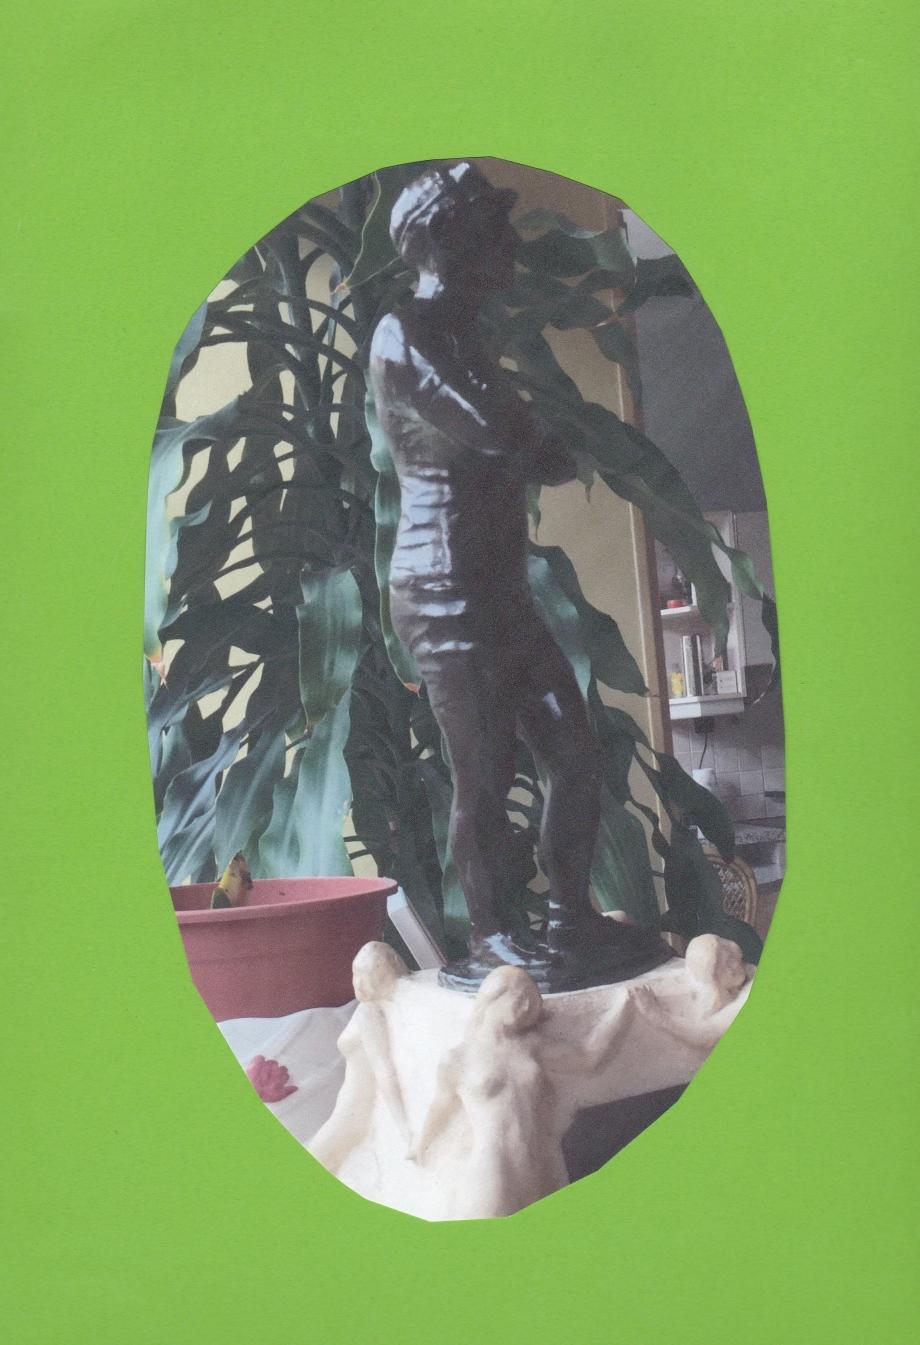 statuette Gabard.jpg